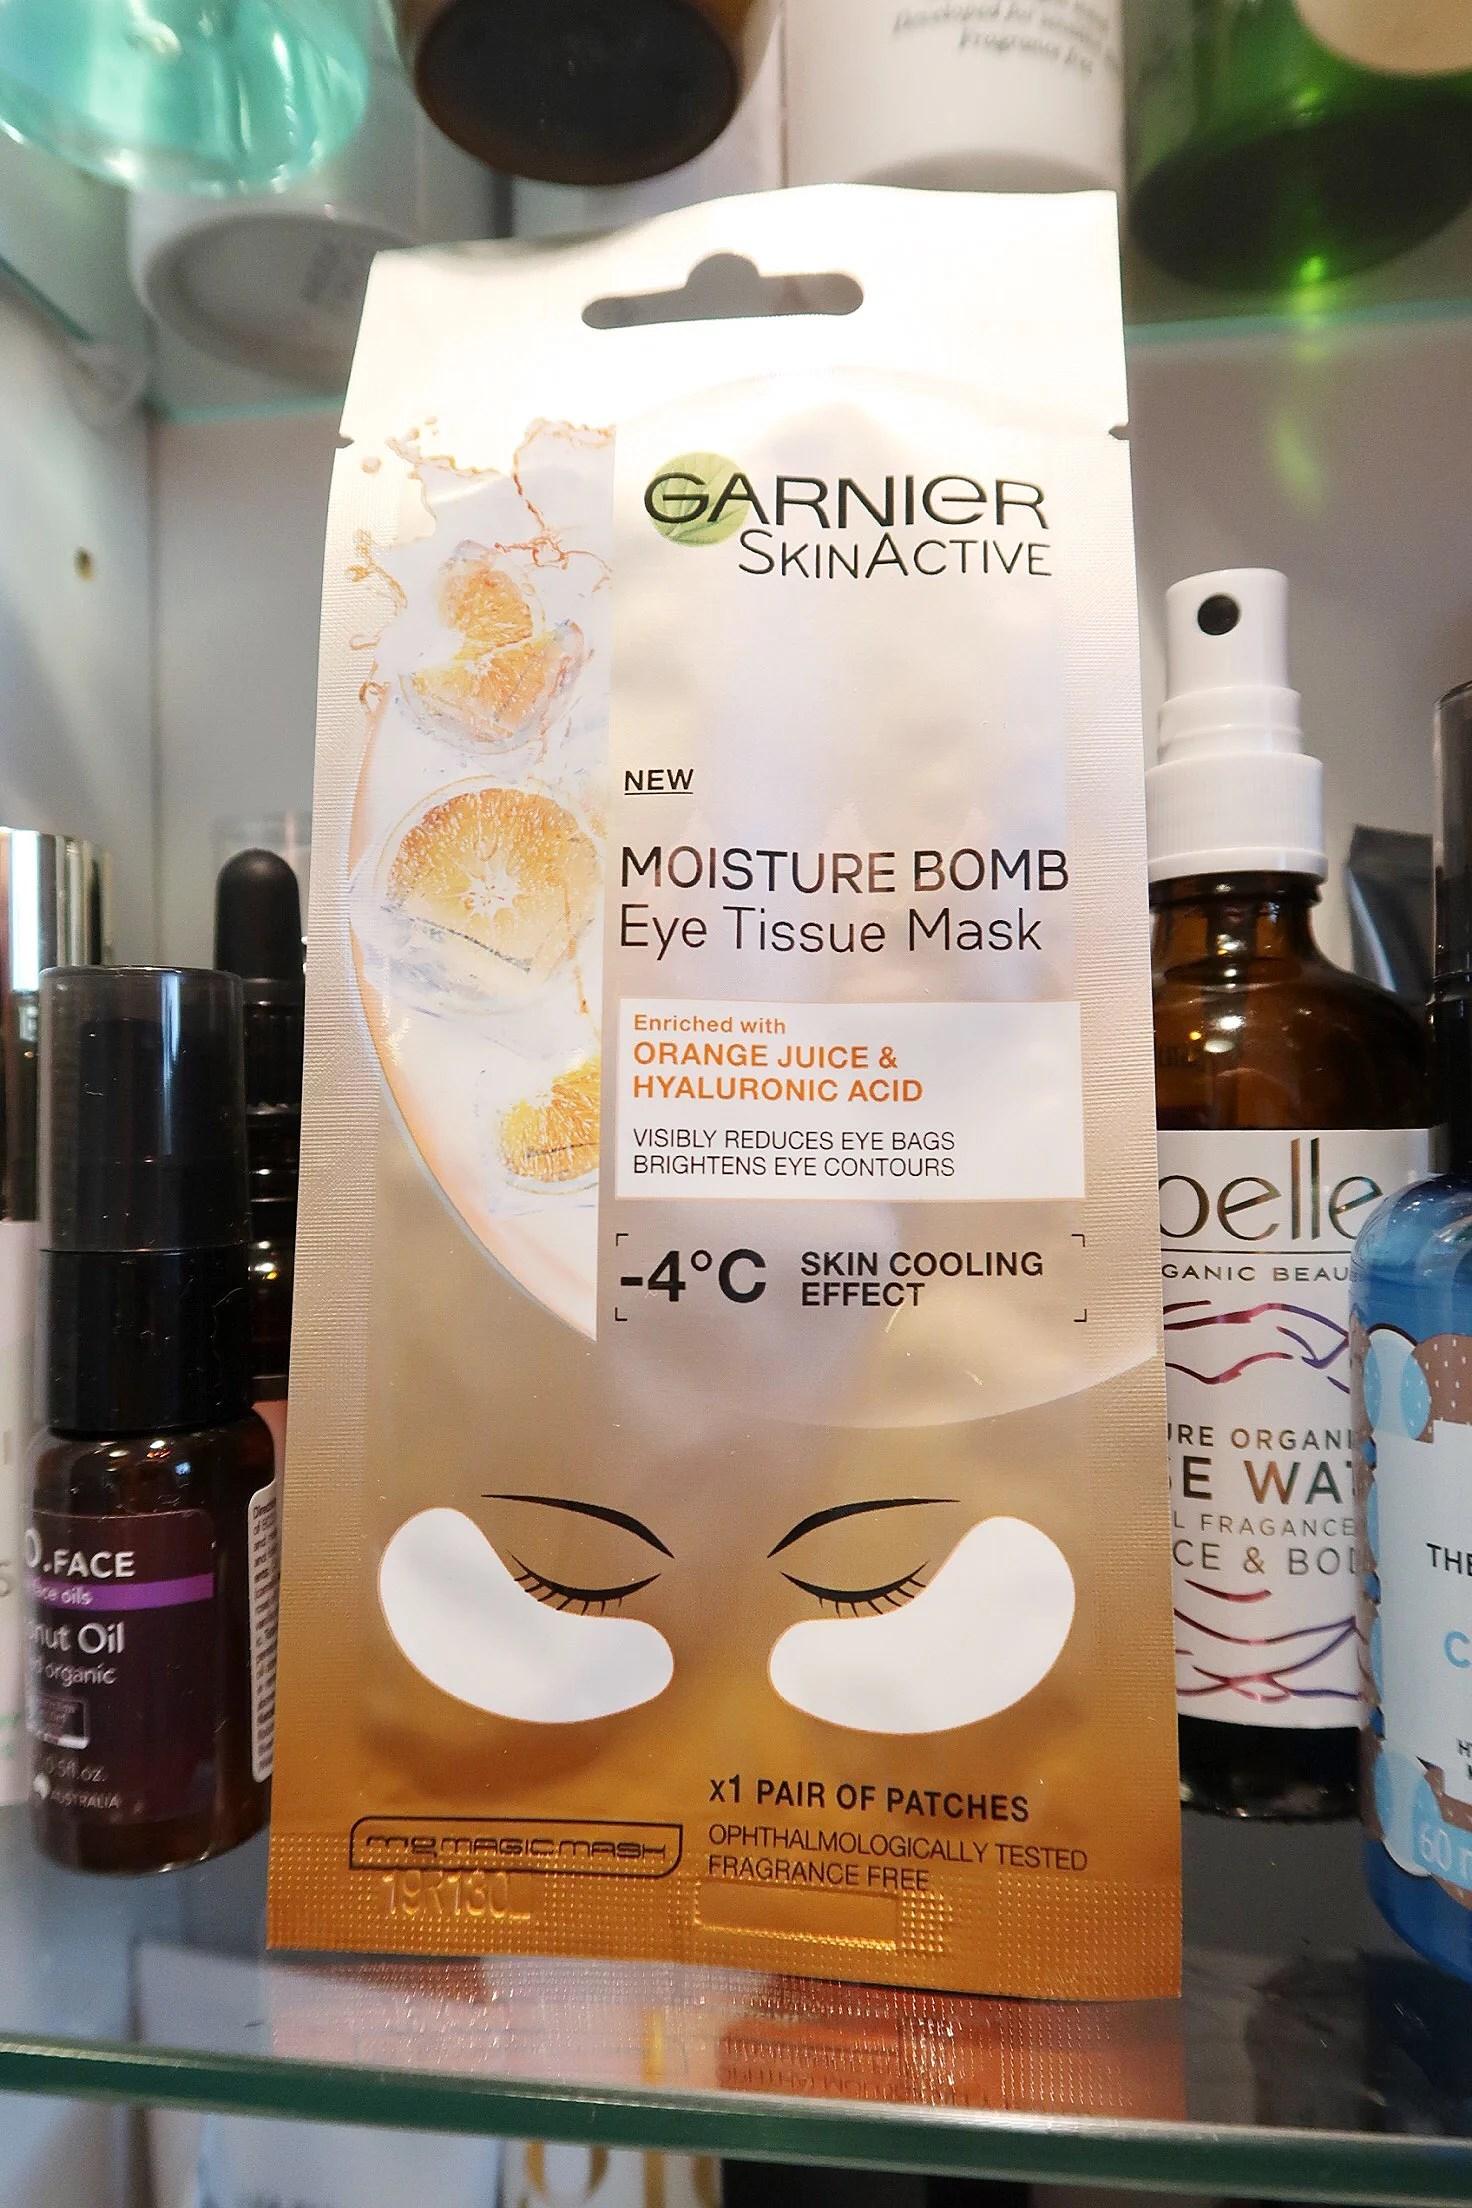 Garnier - Moisture bomb eye tissue mask!